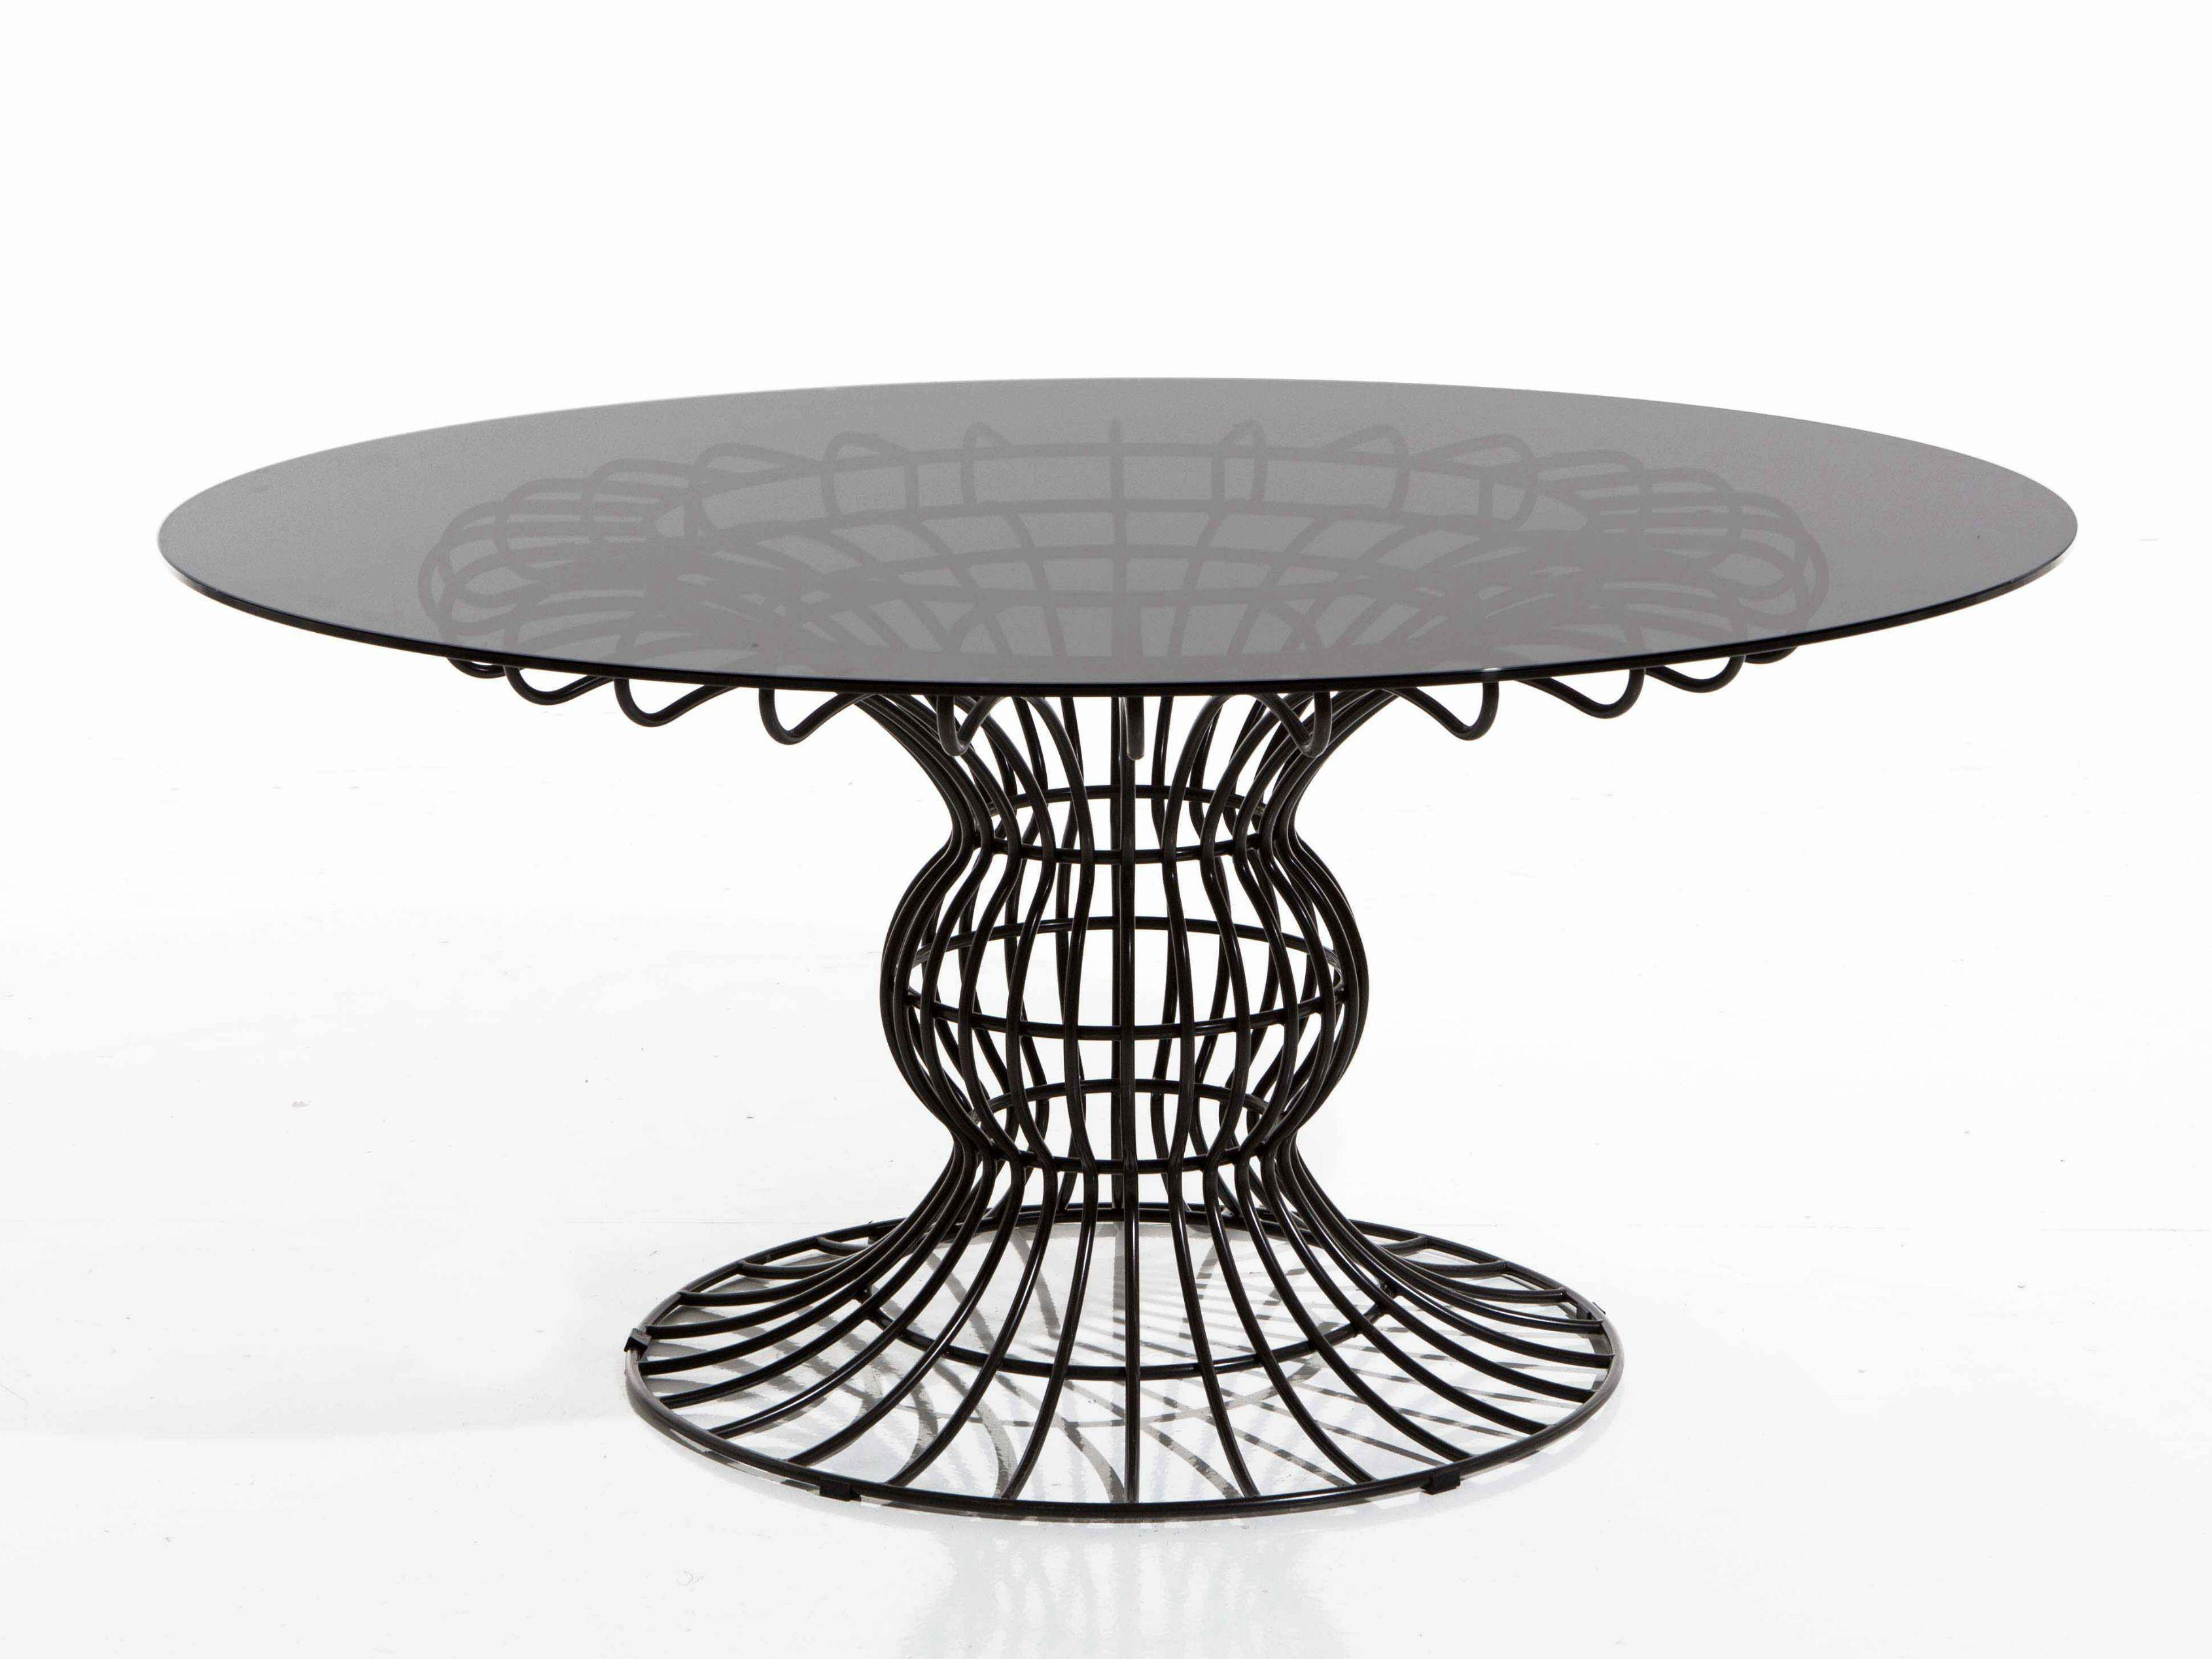 Sirio mesa de jard n redonda by samuele mazza outdoor - Mesas de hierro para jardin ...